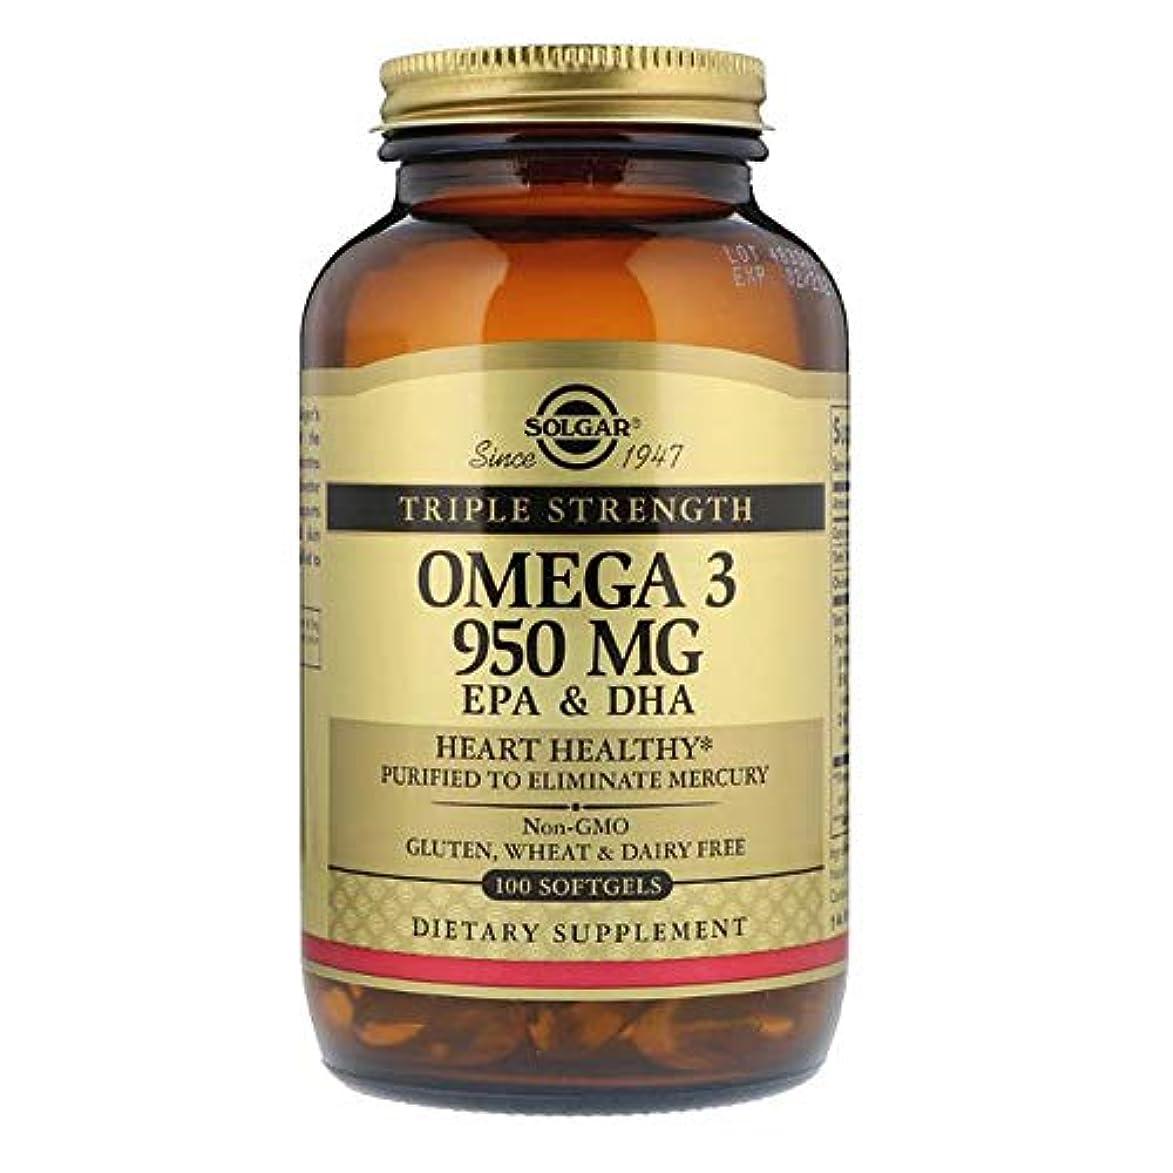 Solgar オメガ 3 EPA DHA トリプルストレングス 950mg 100ソフトジェル 【アメリカ直送】